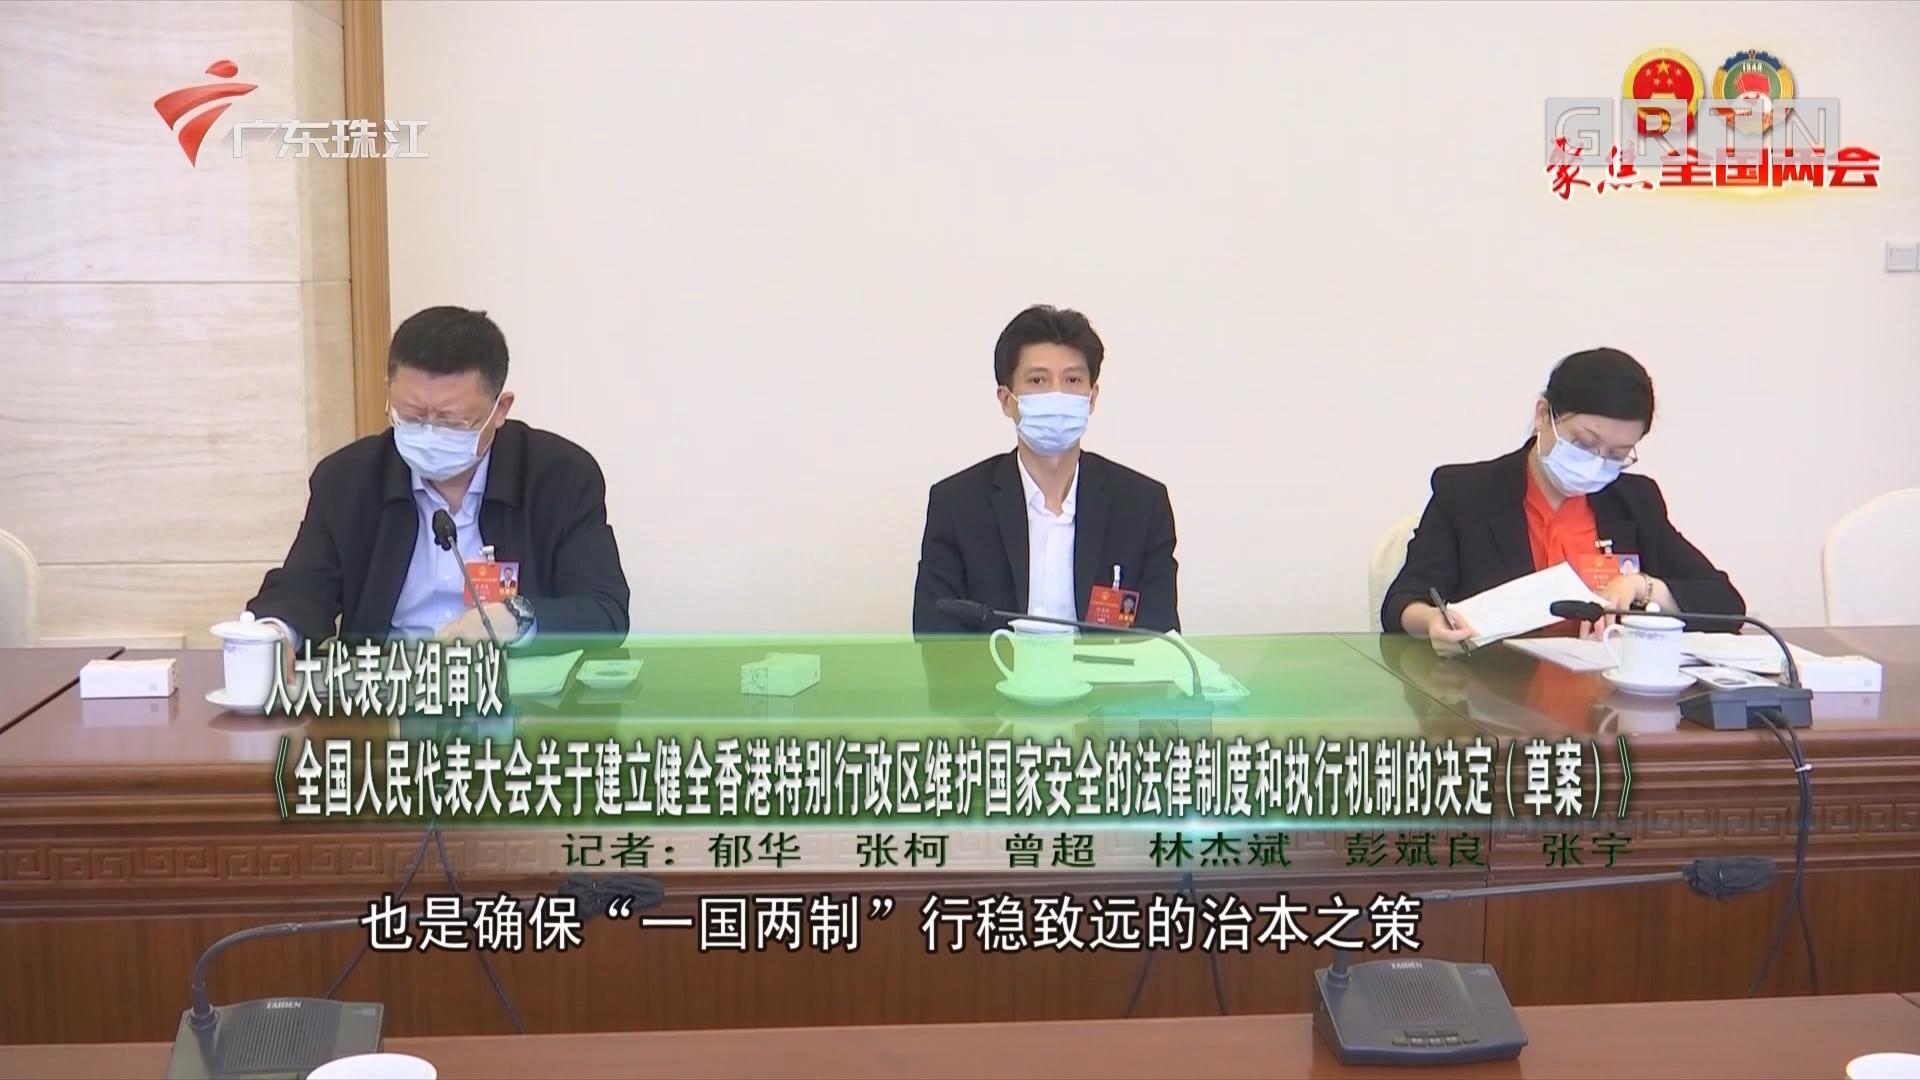 人大代表分组审议 《全国人民代表大会关于建立健全香港特别行政区维护国家安全的法律制度和执行机制的决定(草案)》